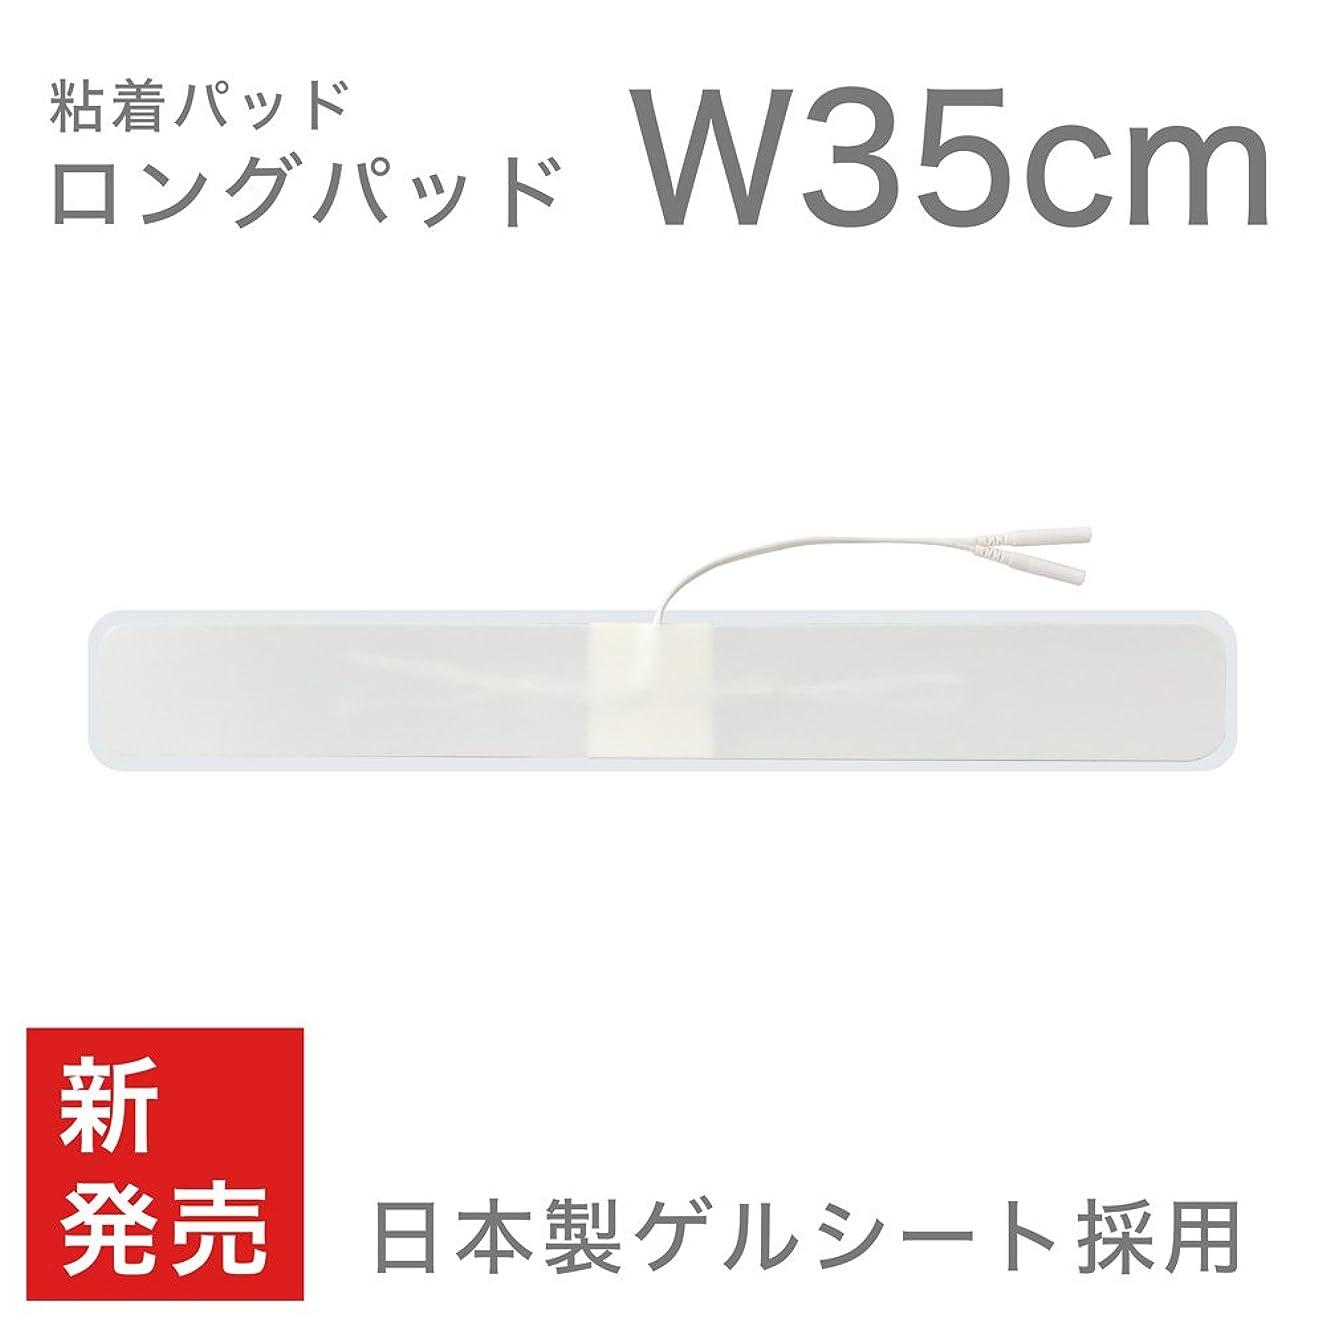 挽く病気だと思うハックTOP TOUCH 粘着パッド ロングパッド 4x35cm【日本製高品質ゲルシート採用】